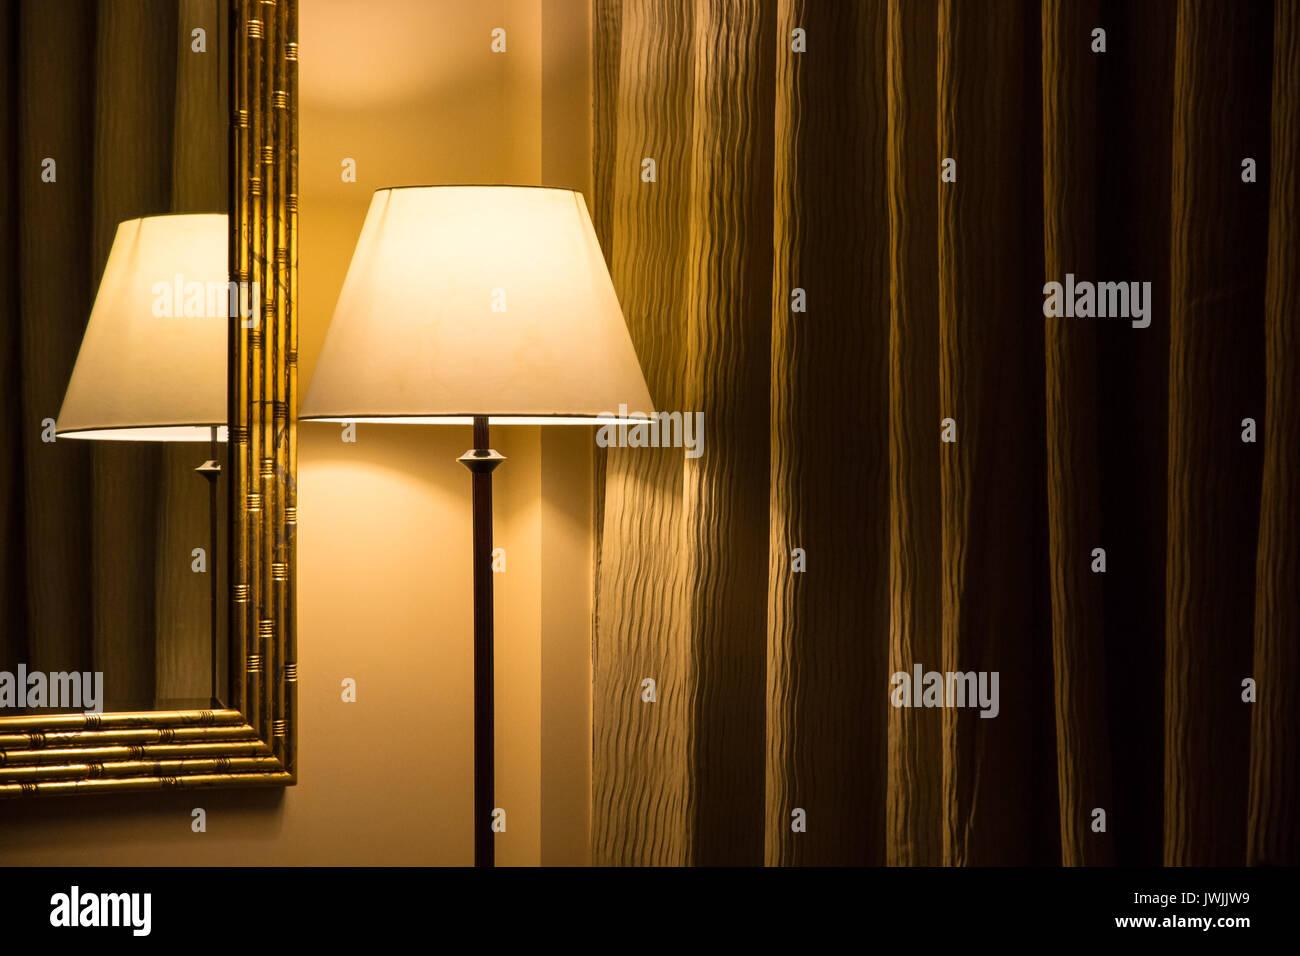 Lampe Sur Pied Et Reflet Dans Un Miroir D Une Chambre D Hotel Fermee